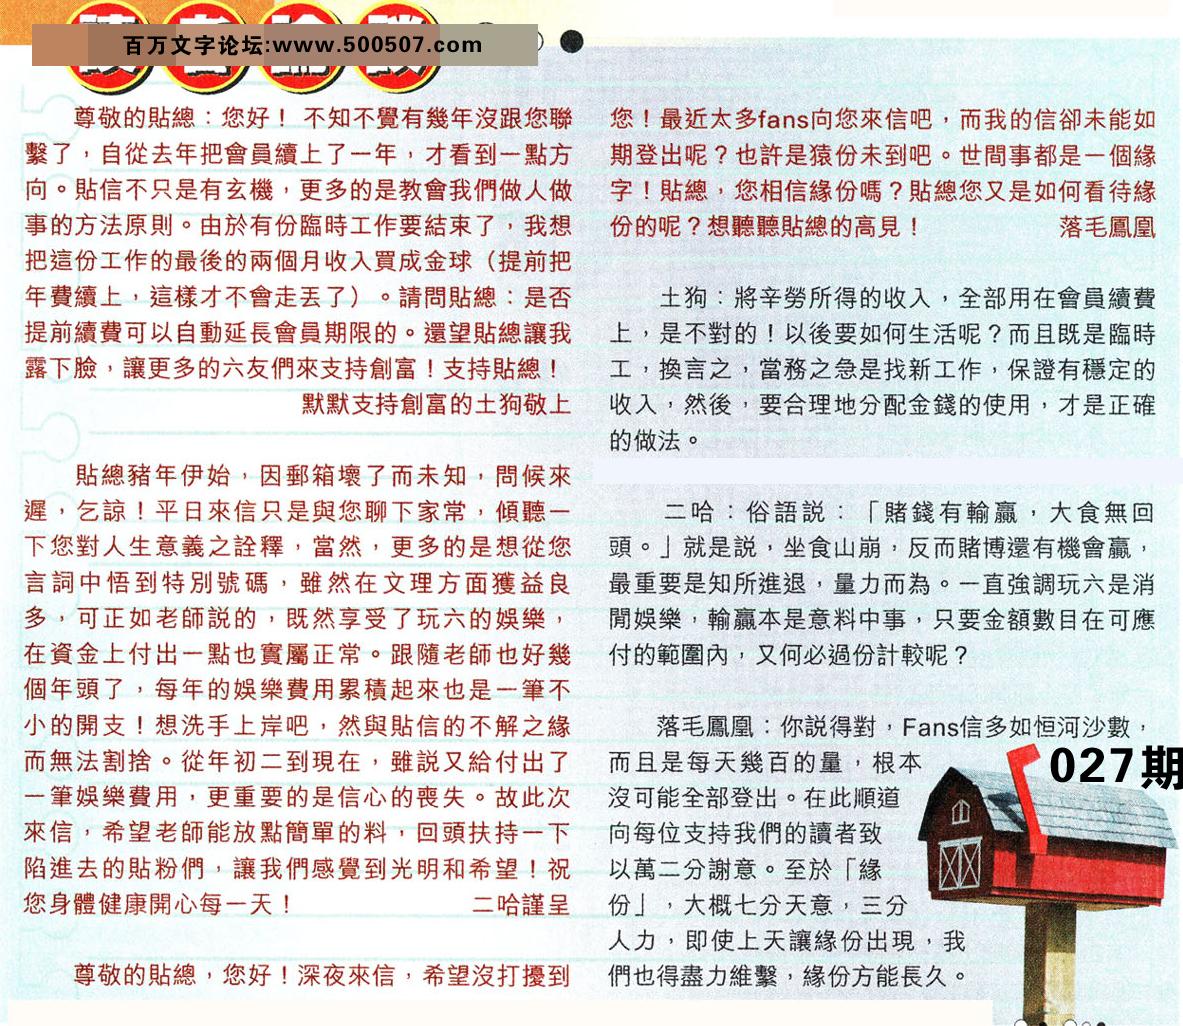 027期:彩民推荐�N信�x者���